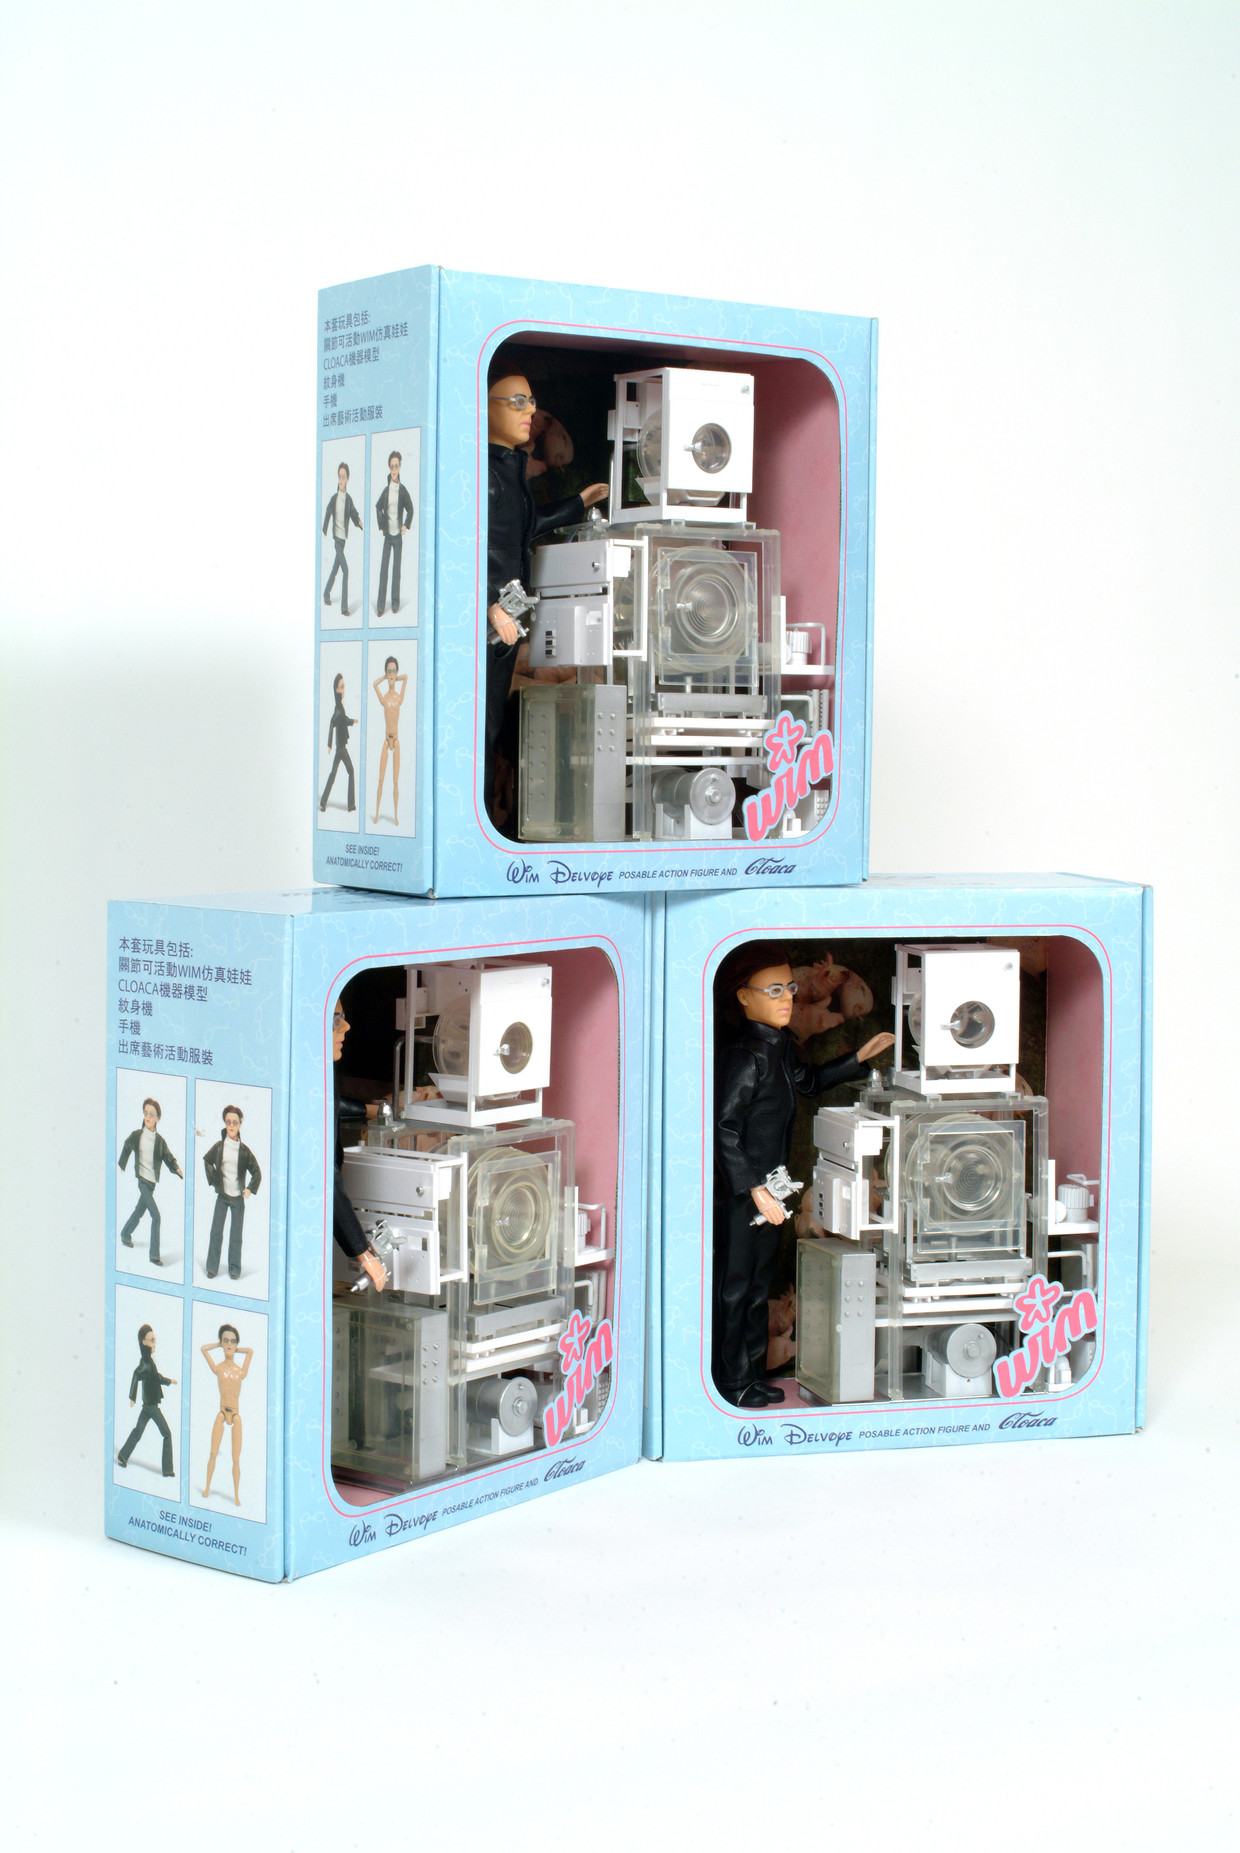 'Action Doll' van Wim Delvoye is een actiefiguurtje van de kunstenaar zelf met zijn 'Cloaca'. Beeld Wim Delvoye